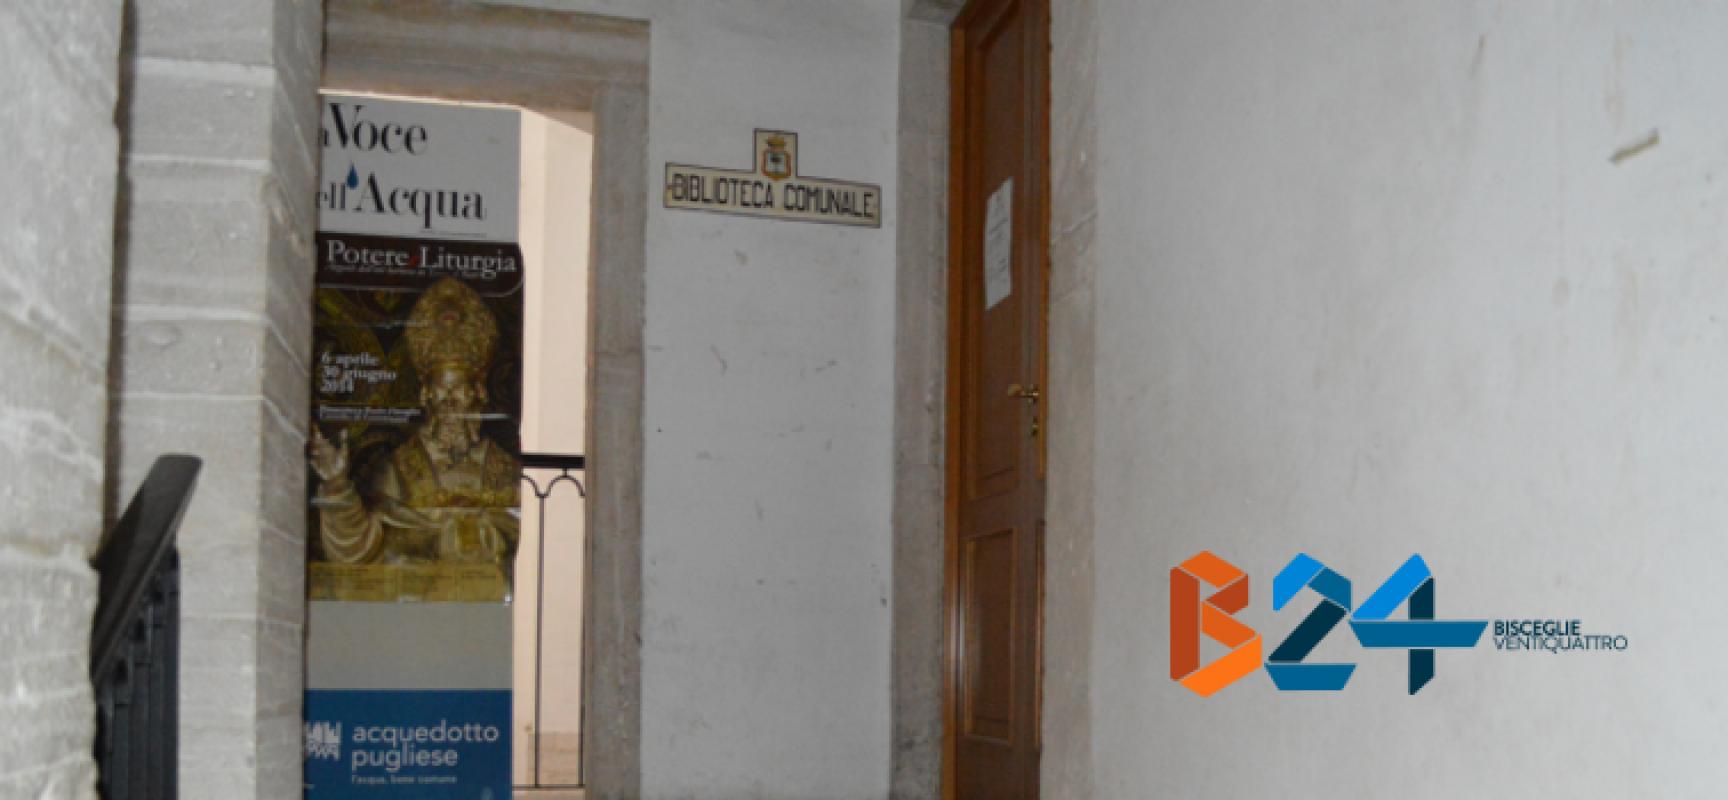 """Quotidiani in Biblioteca, Spina: """"Acquisterò di tasca mia i giornali per garantire il servizio"""""""